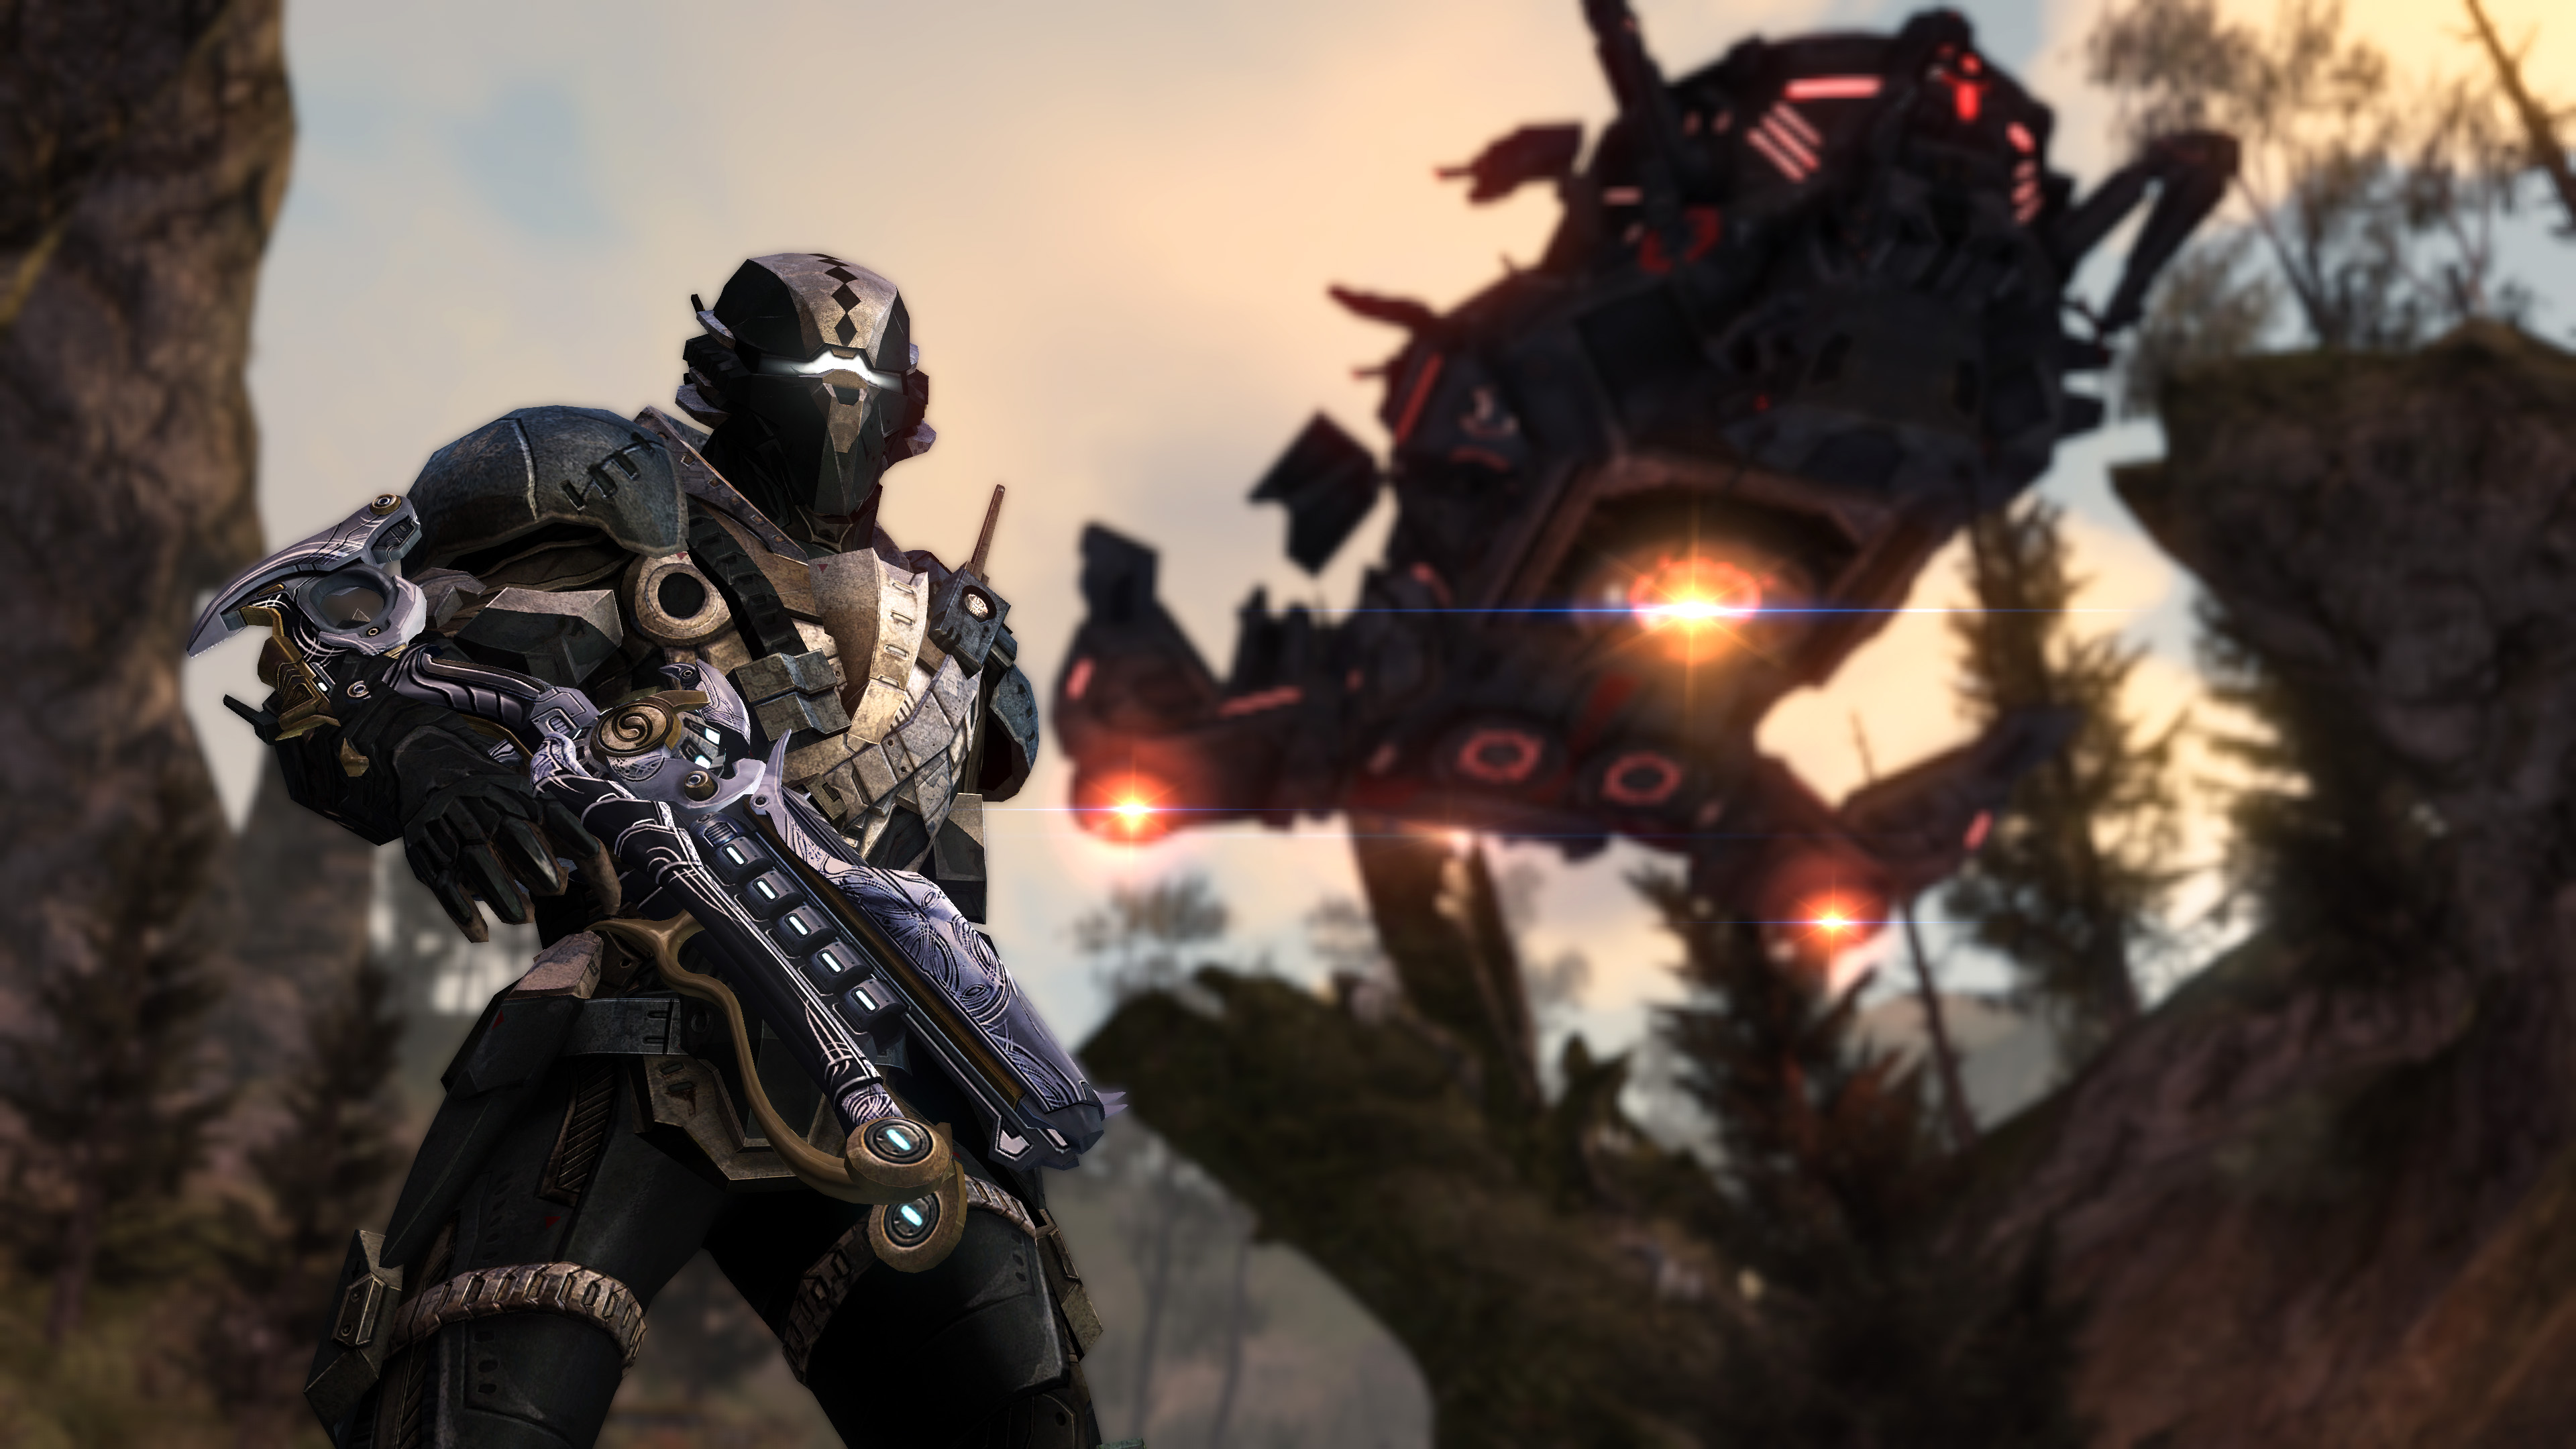 Defiance 2050 kommt neu für PC, PS4, Xbox One, kein Ersatz für Original